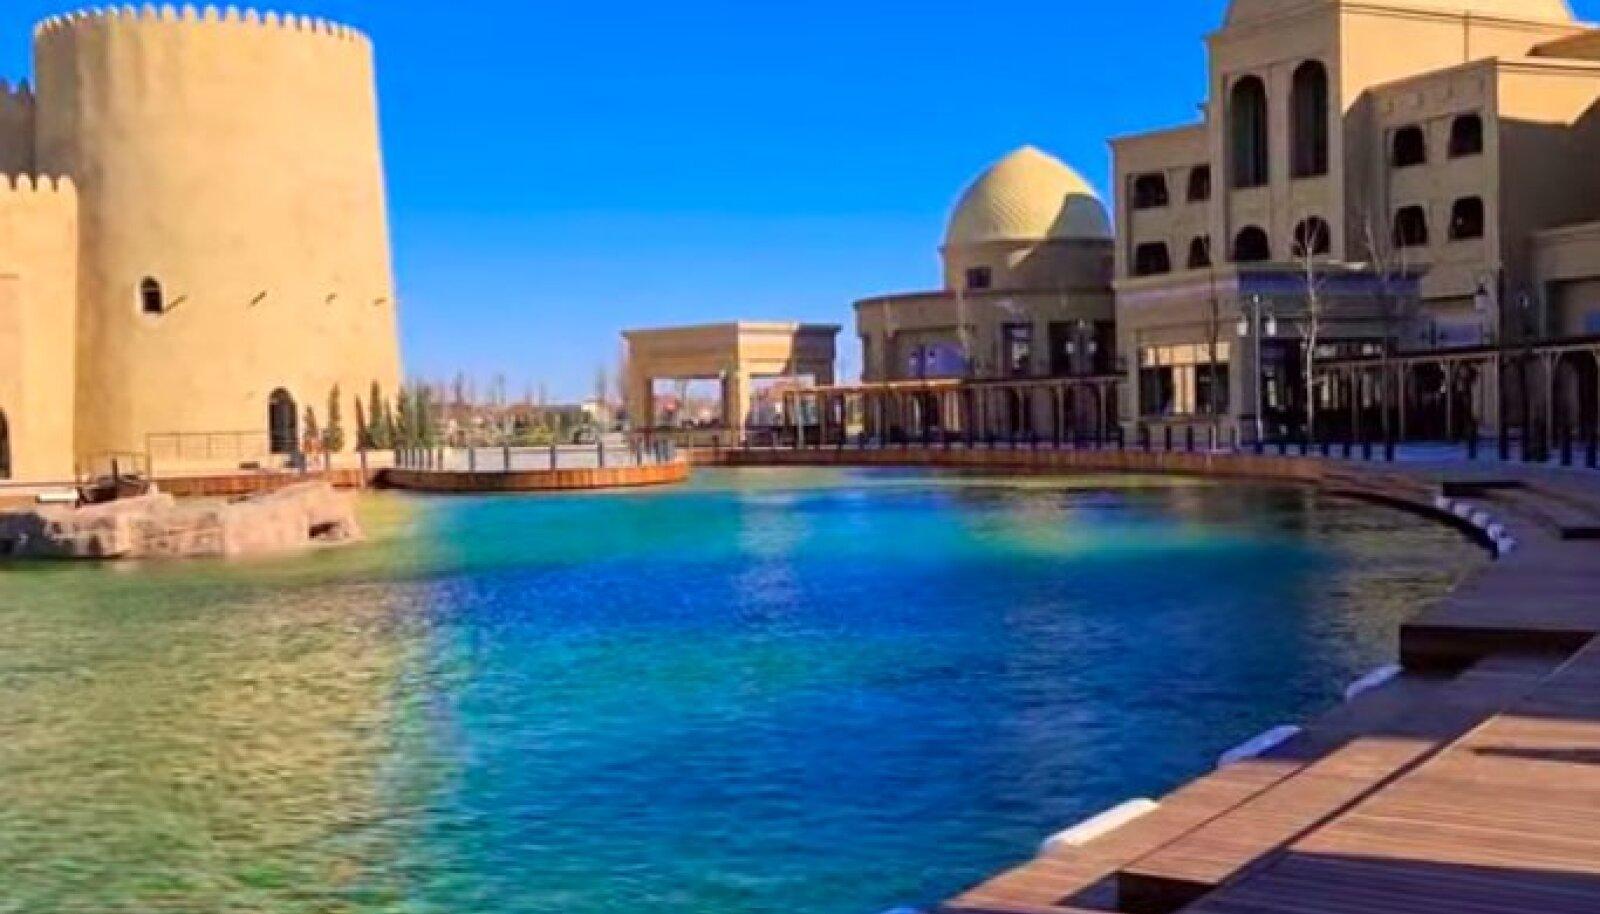 """Зачем ехать в Дубай, когда у нас есть Туркестан"""": в Казахстане открылся  крупнейший в Центральной Азии туристический комплекс """"Керуен-сарай"""" - Turist"""